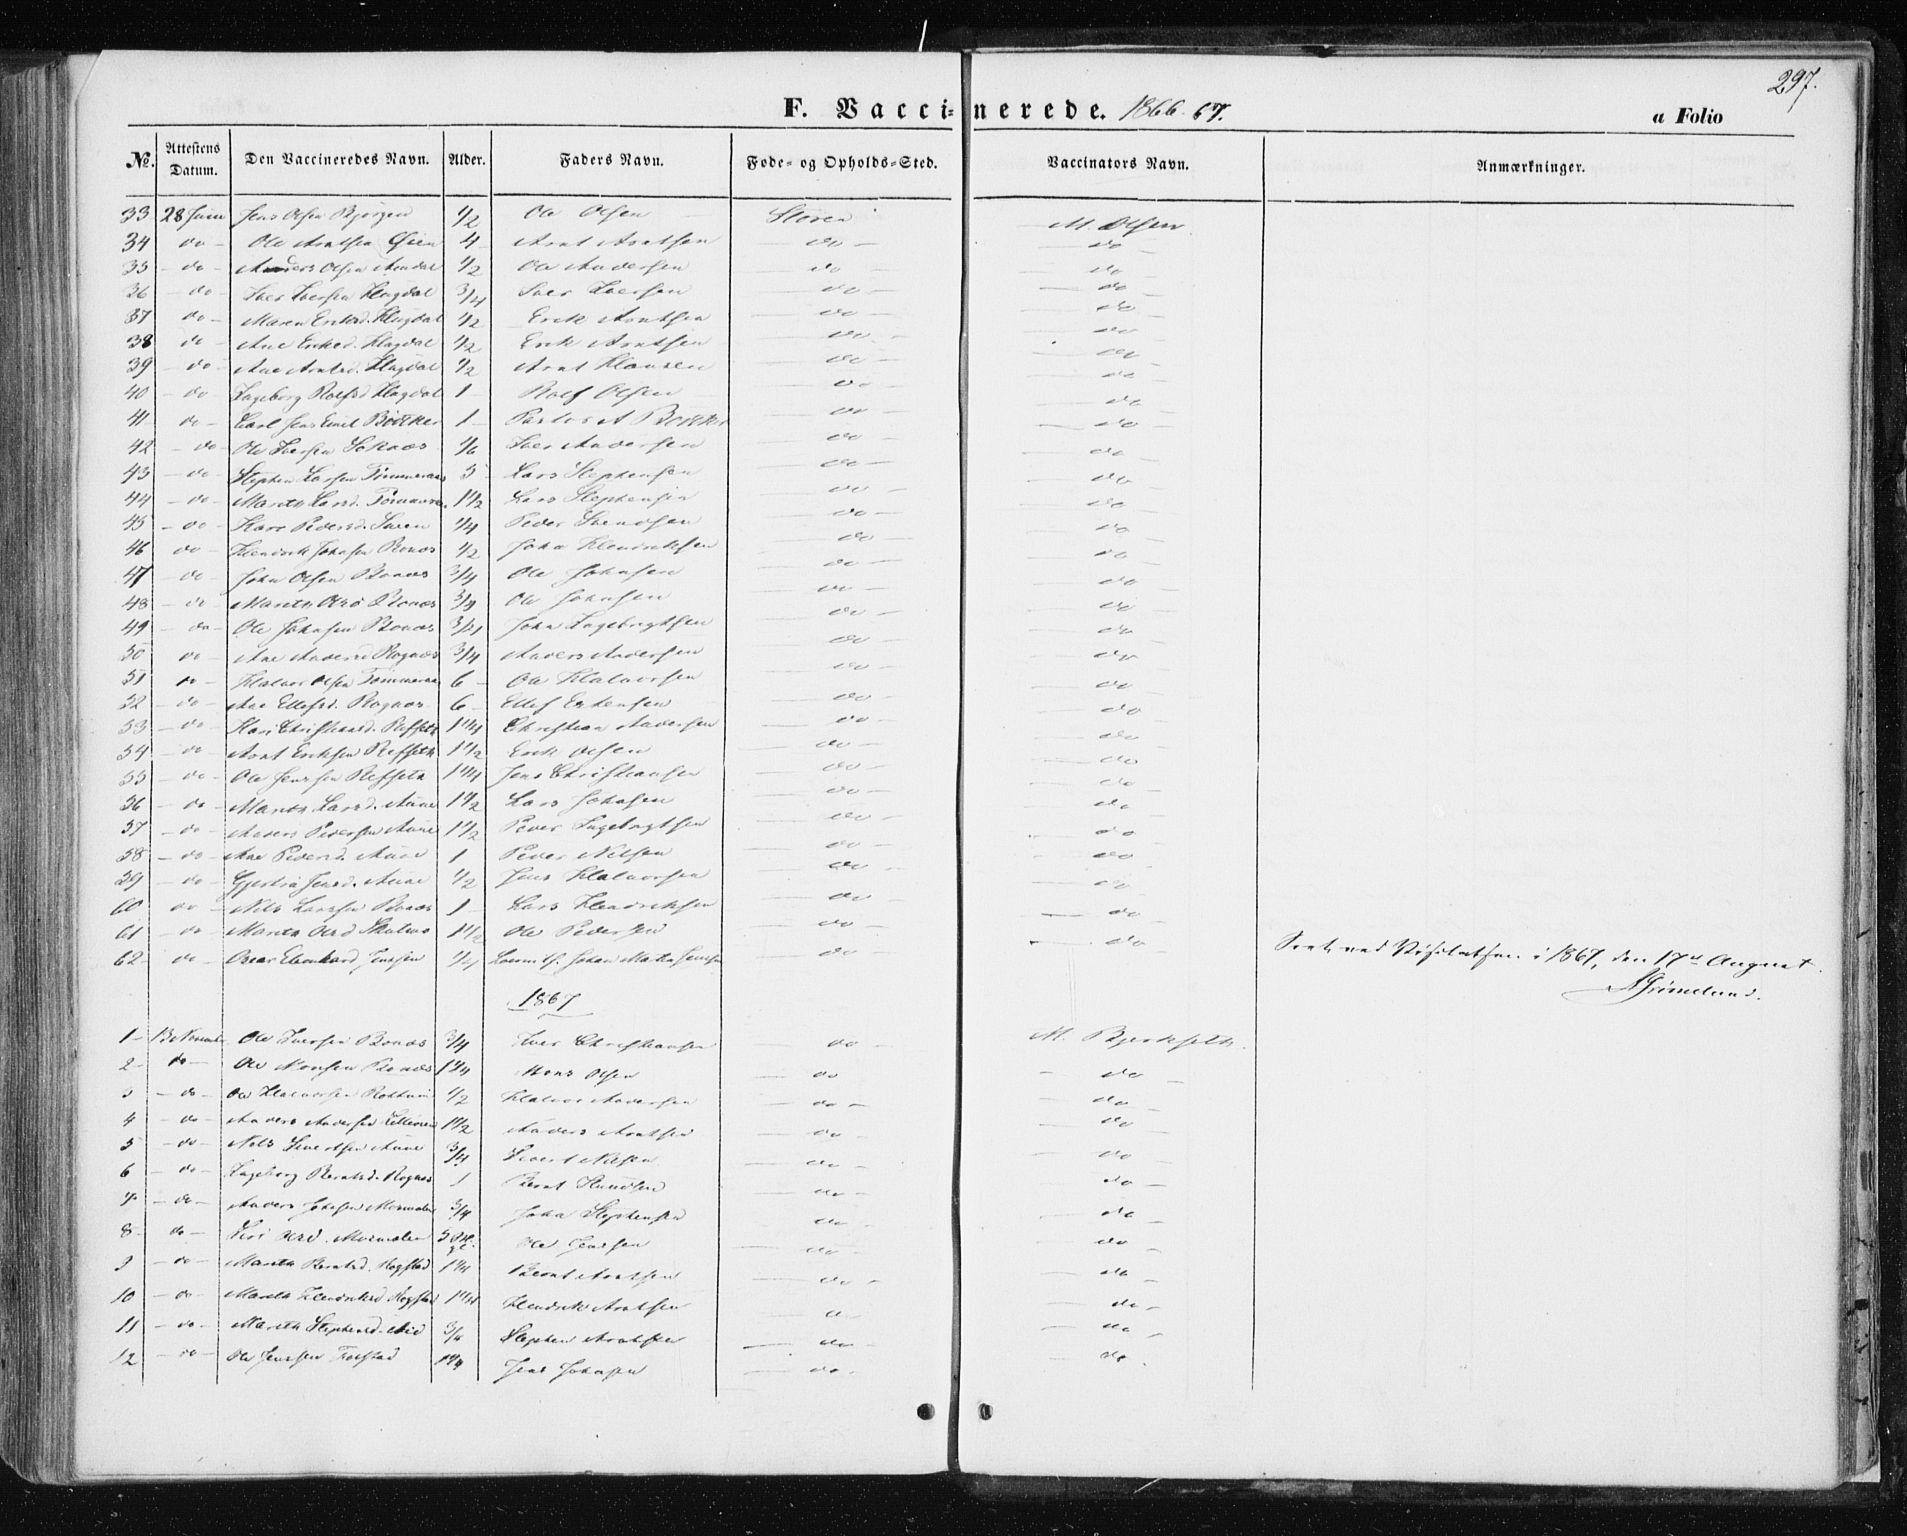 SAT, Ministerialprotokoller, klokkerbøker og fødselsregistre - Sør-Trøndelag, 687/L1000: Ministerialbok nr. 687A06, 1848-1869, s. 297